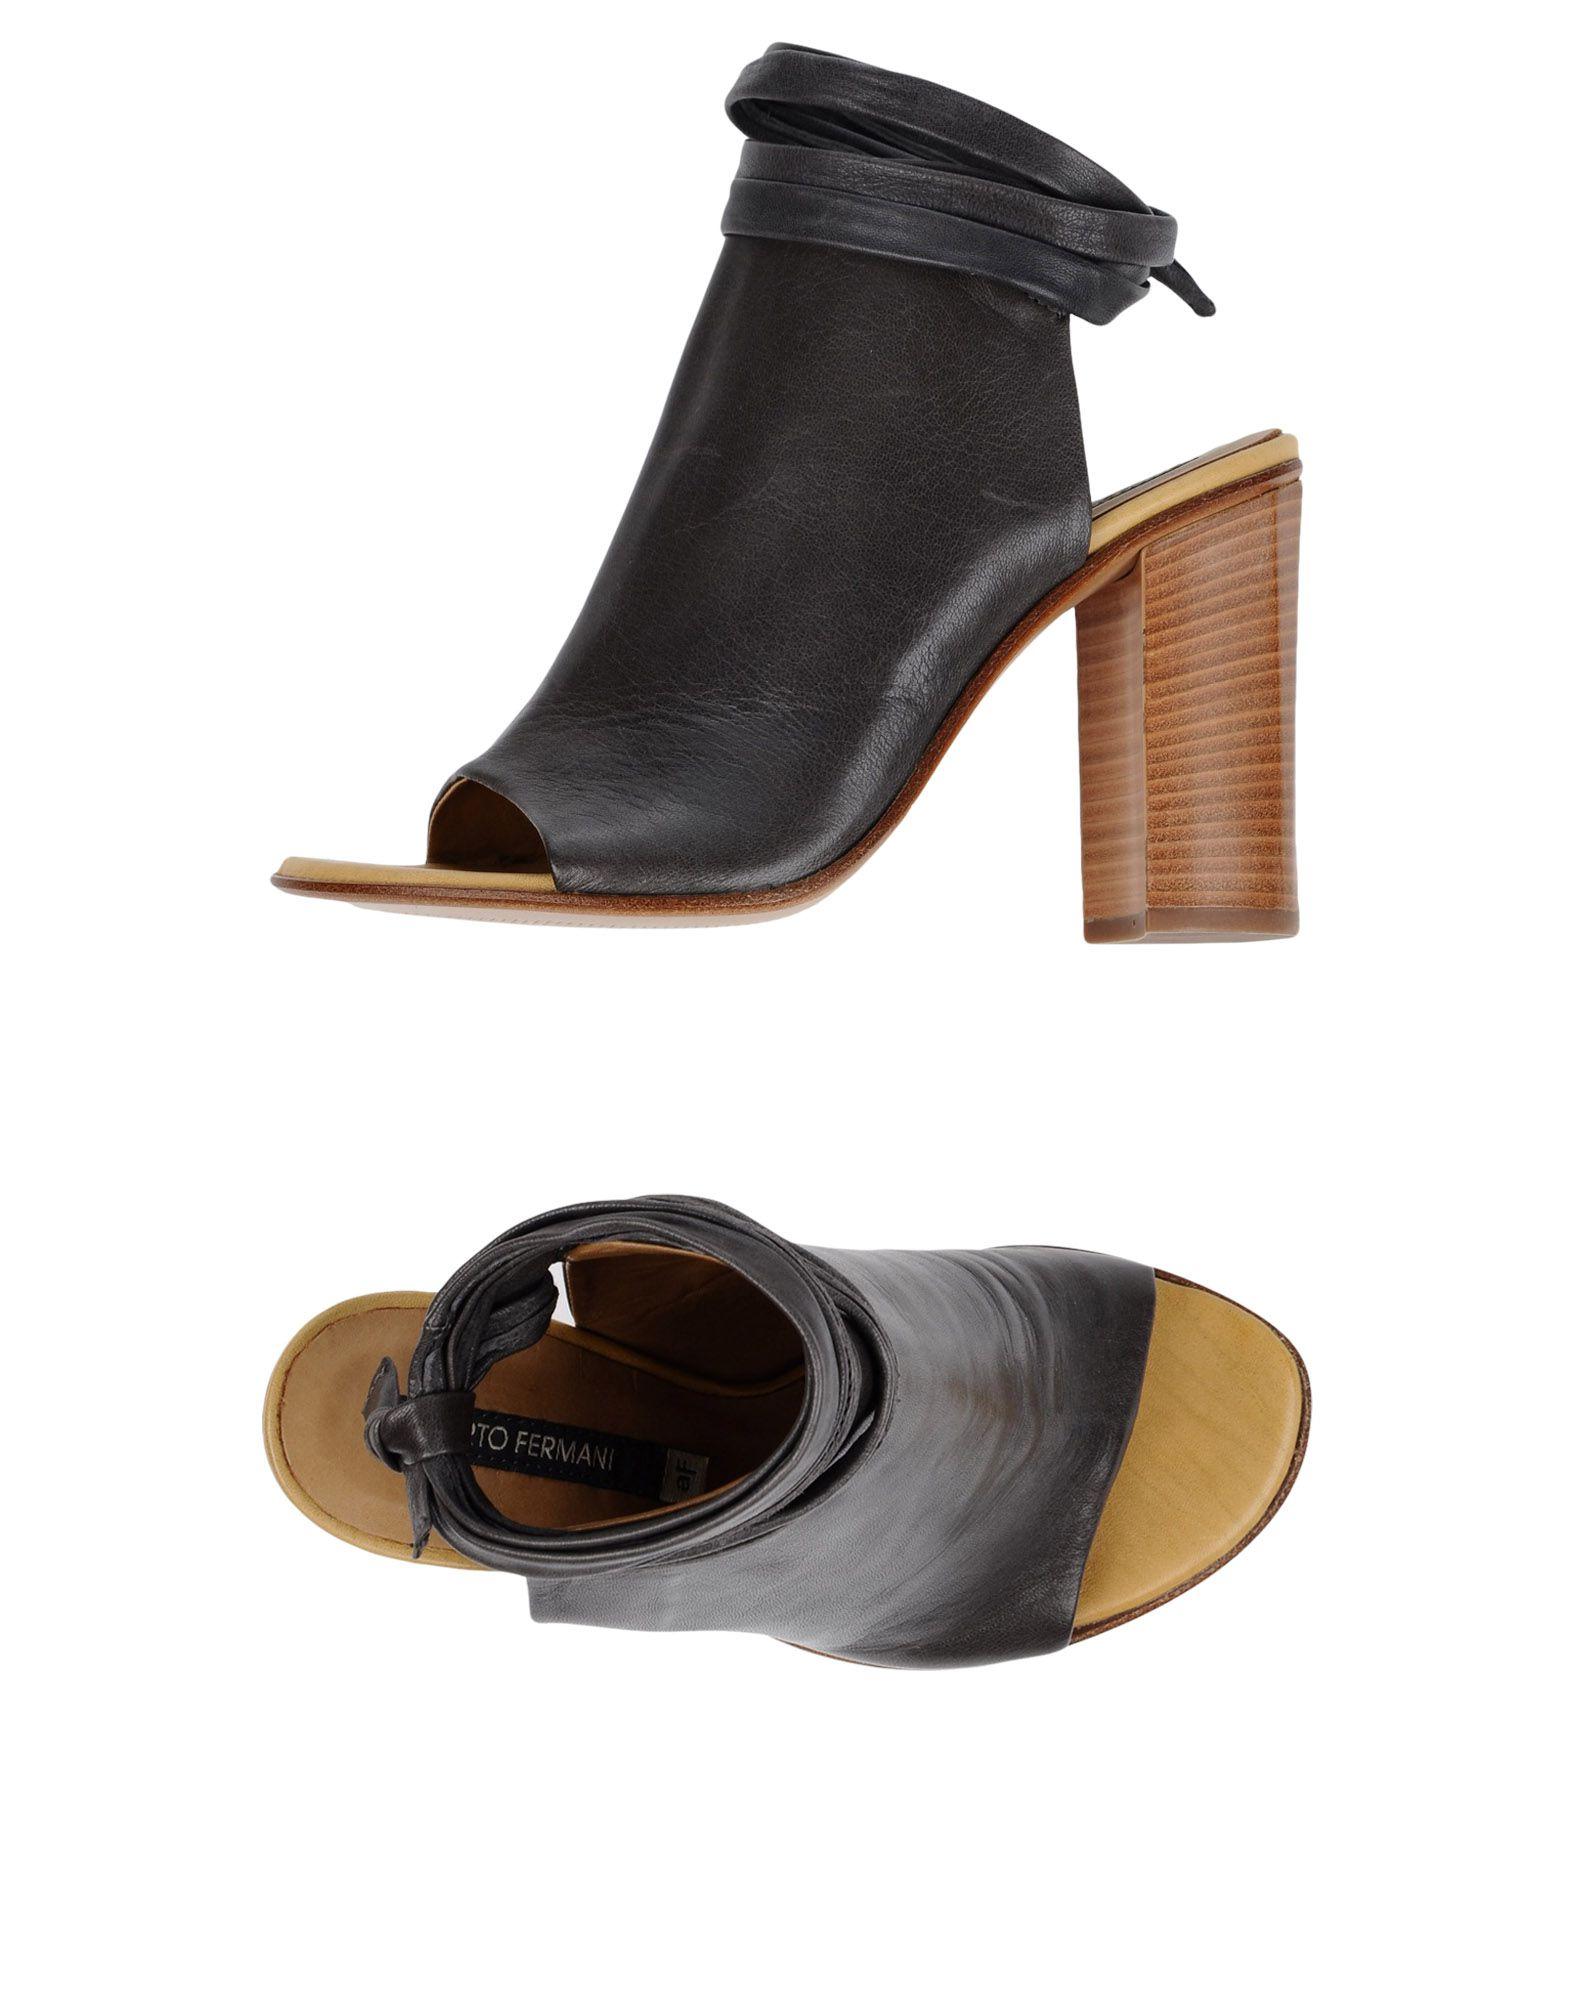 Alberto Fermani Sandalen Damen    11246204AL Gute Qualität beliebte Schuhe 21232f